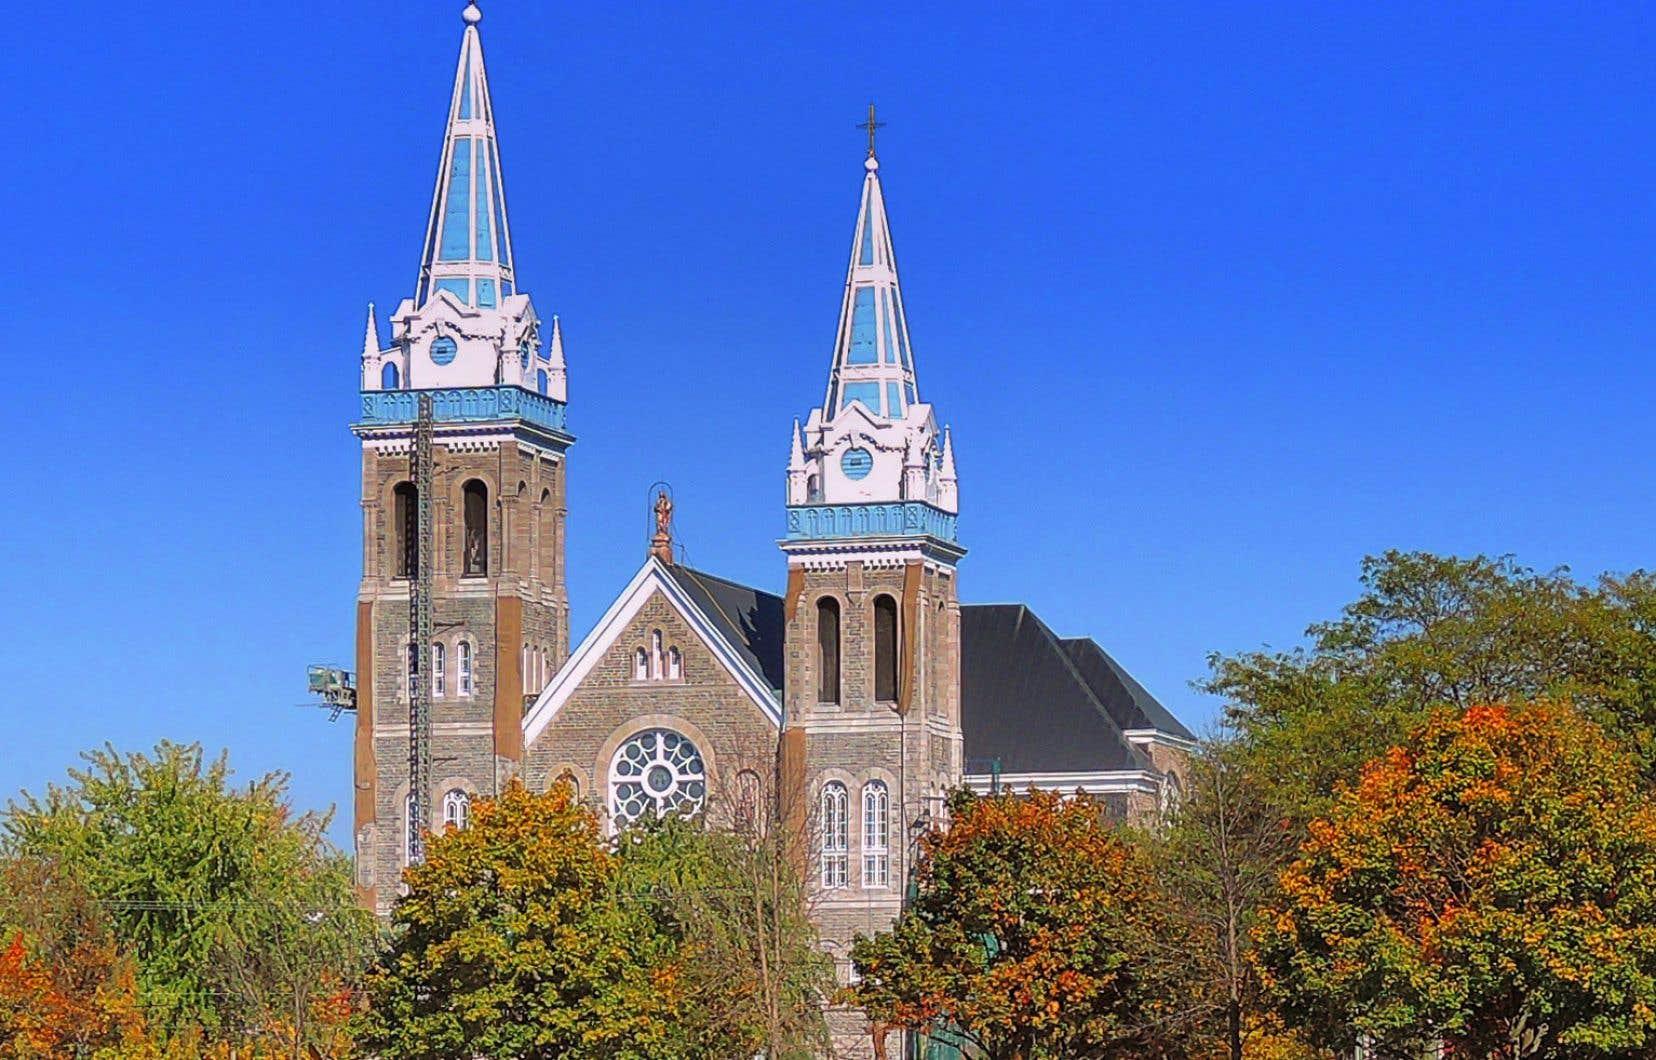 Des travaux de restauration de la maçonnerie, visibles sur cette photo datée de 2013, auraient été mal faits selon Benoît Côté, le curé responsable de la paroisse.